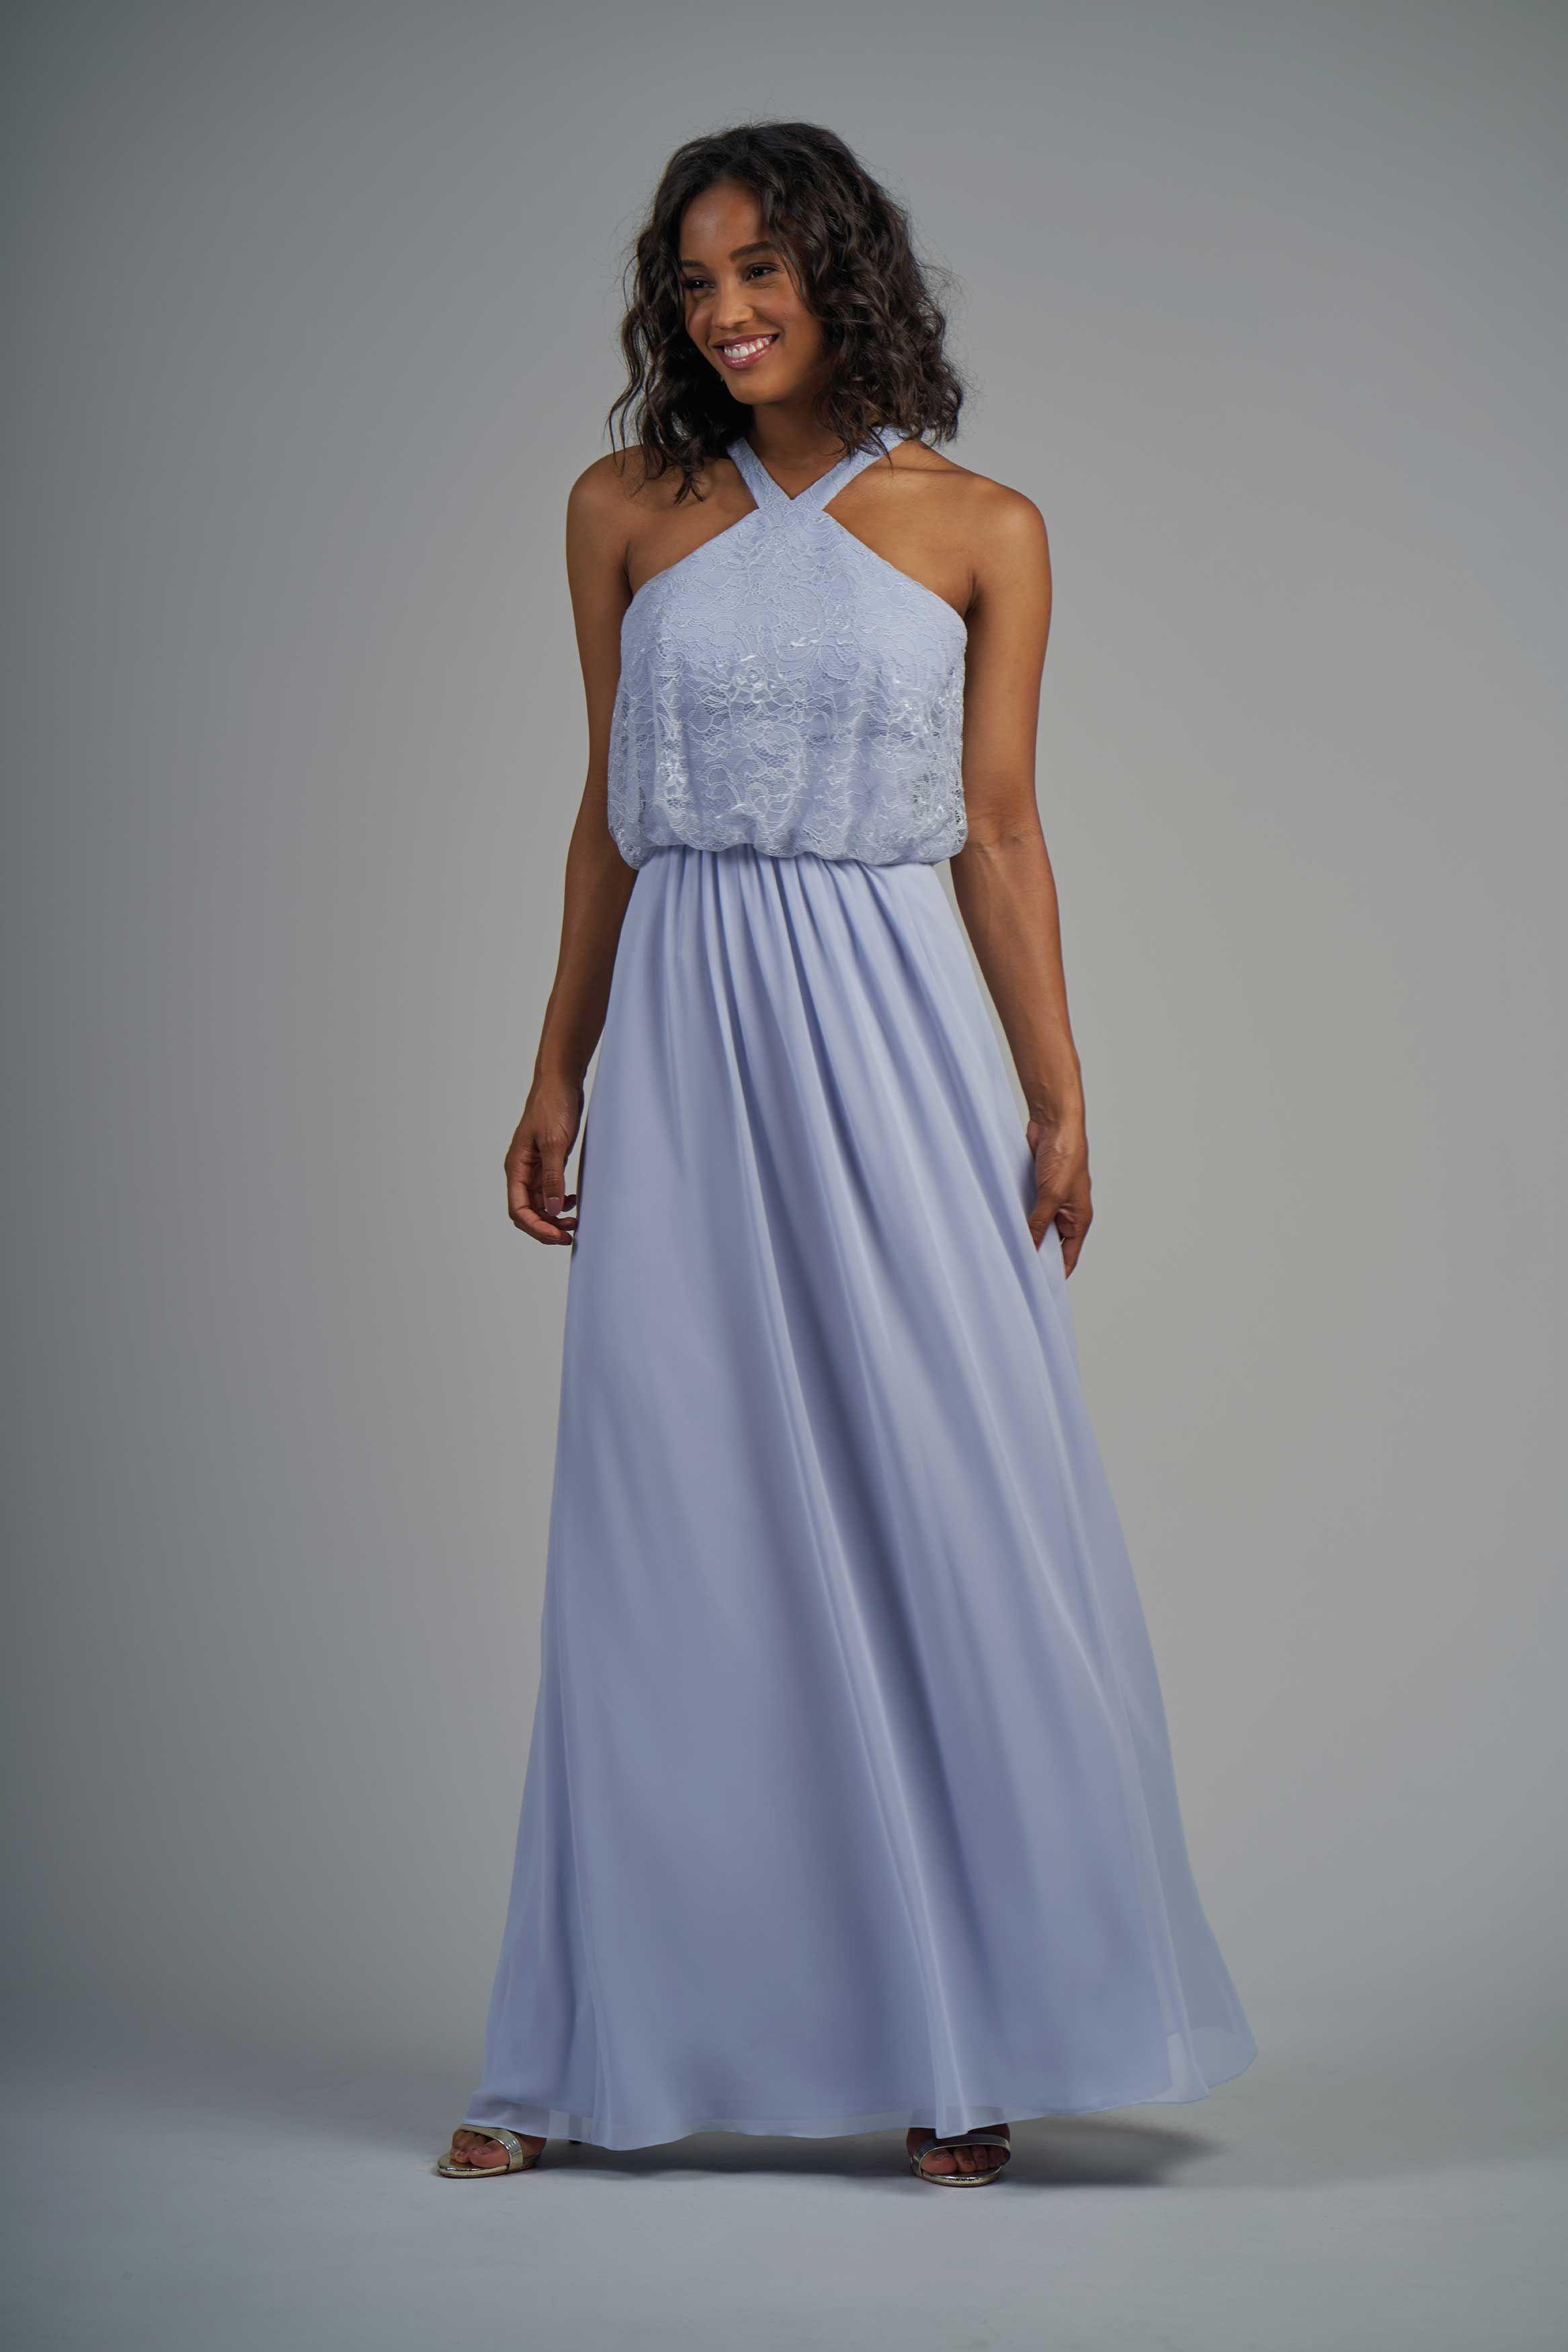 Abendmode Jasmine  Abendkleid B20  Langes brautjungfernkleid